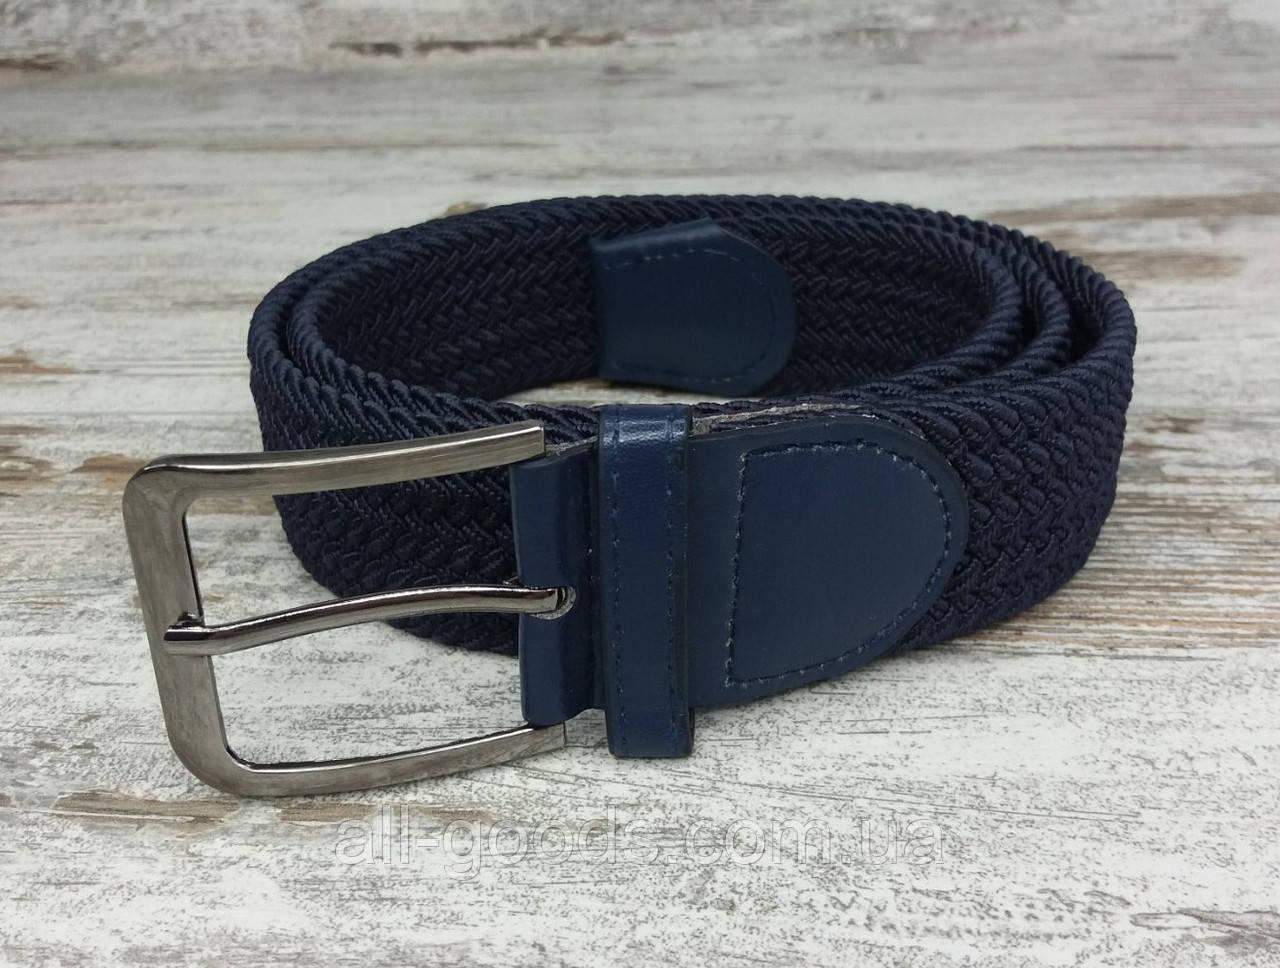 Универсальный плетенный ремень резинка 40 мм синий, оригинальный модный текстильный ремень